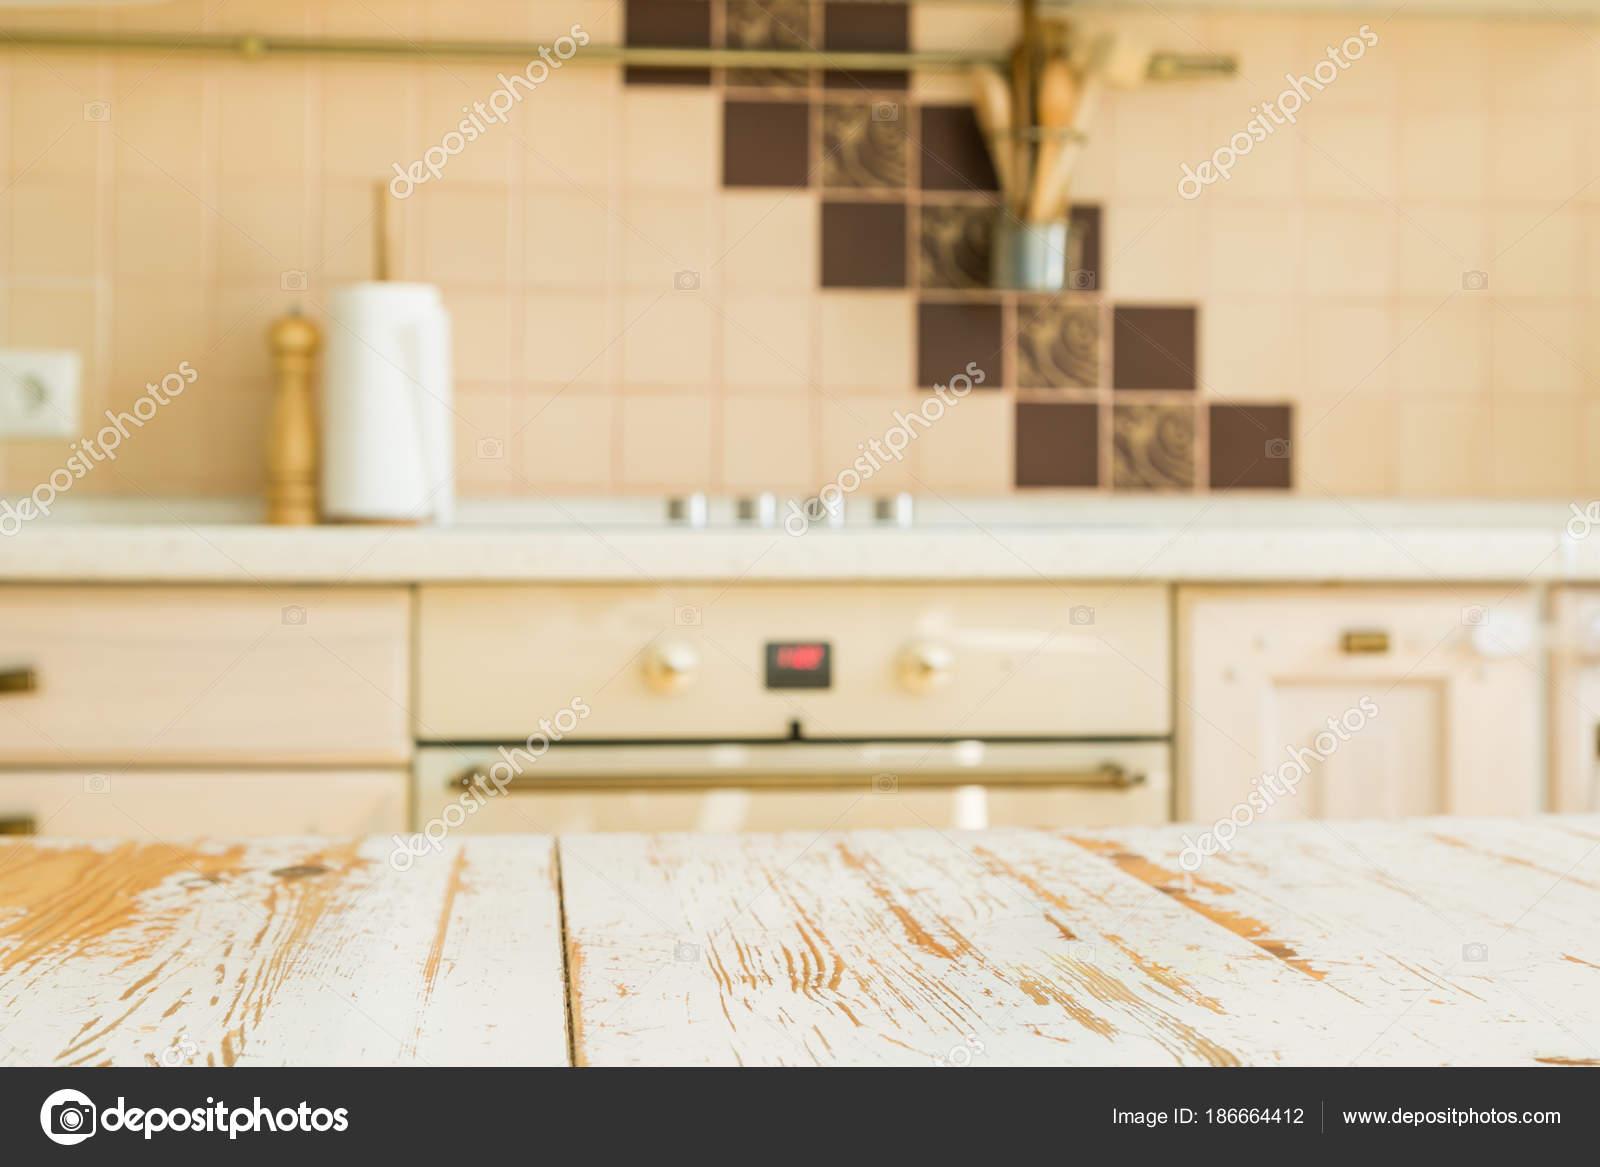 kitchen counters mobile cart 厨房台面与模糊厨房柜台 图库照片 c anaumenko 186664412